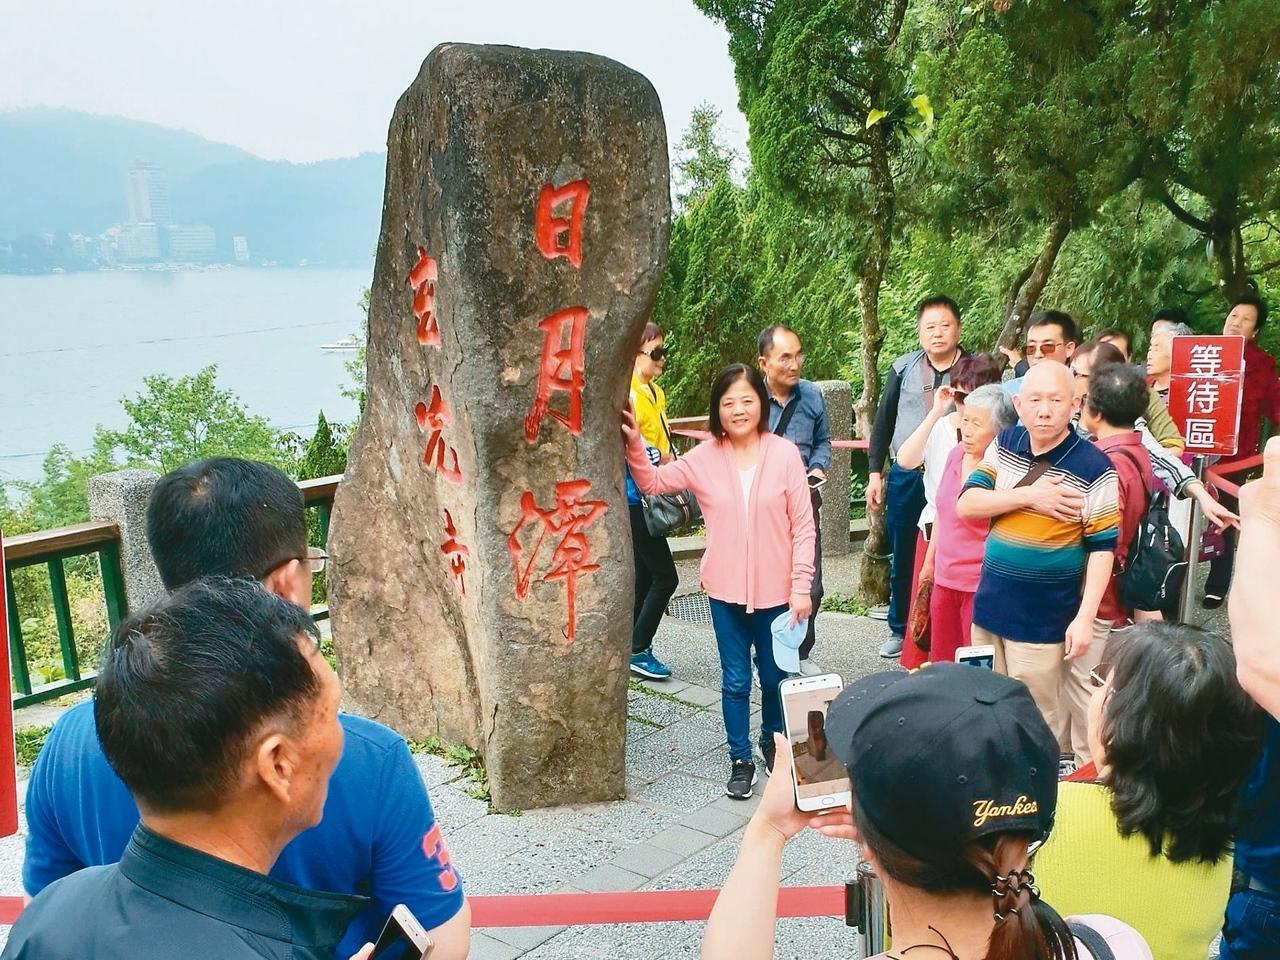 針對中國大陸暫停陸客來台自由行,台北市副市長鄧家基昨天列席行政院會,建議擴大免簽國家。 圖/聯合報系資料照片